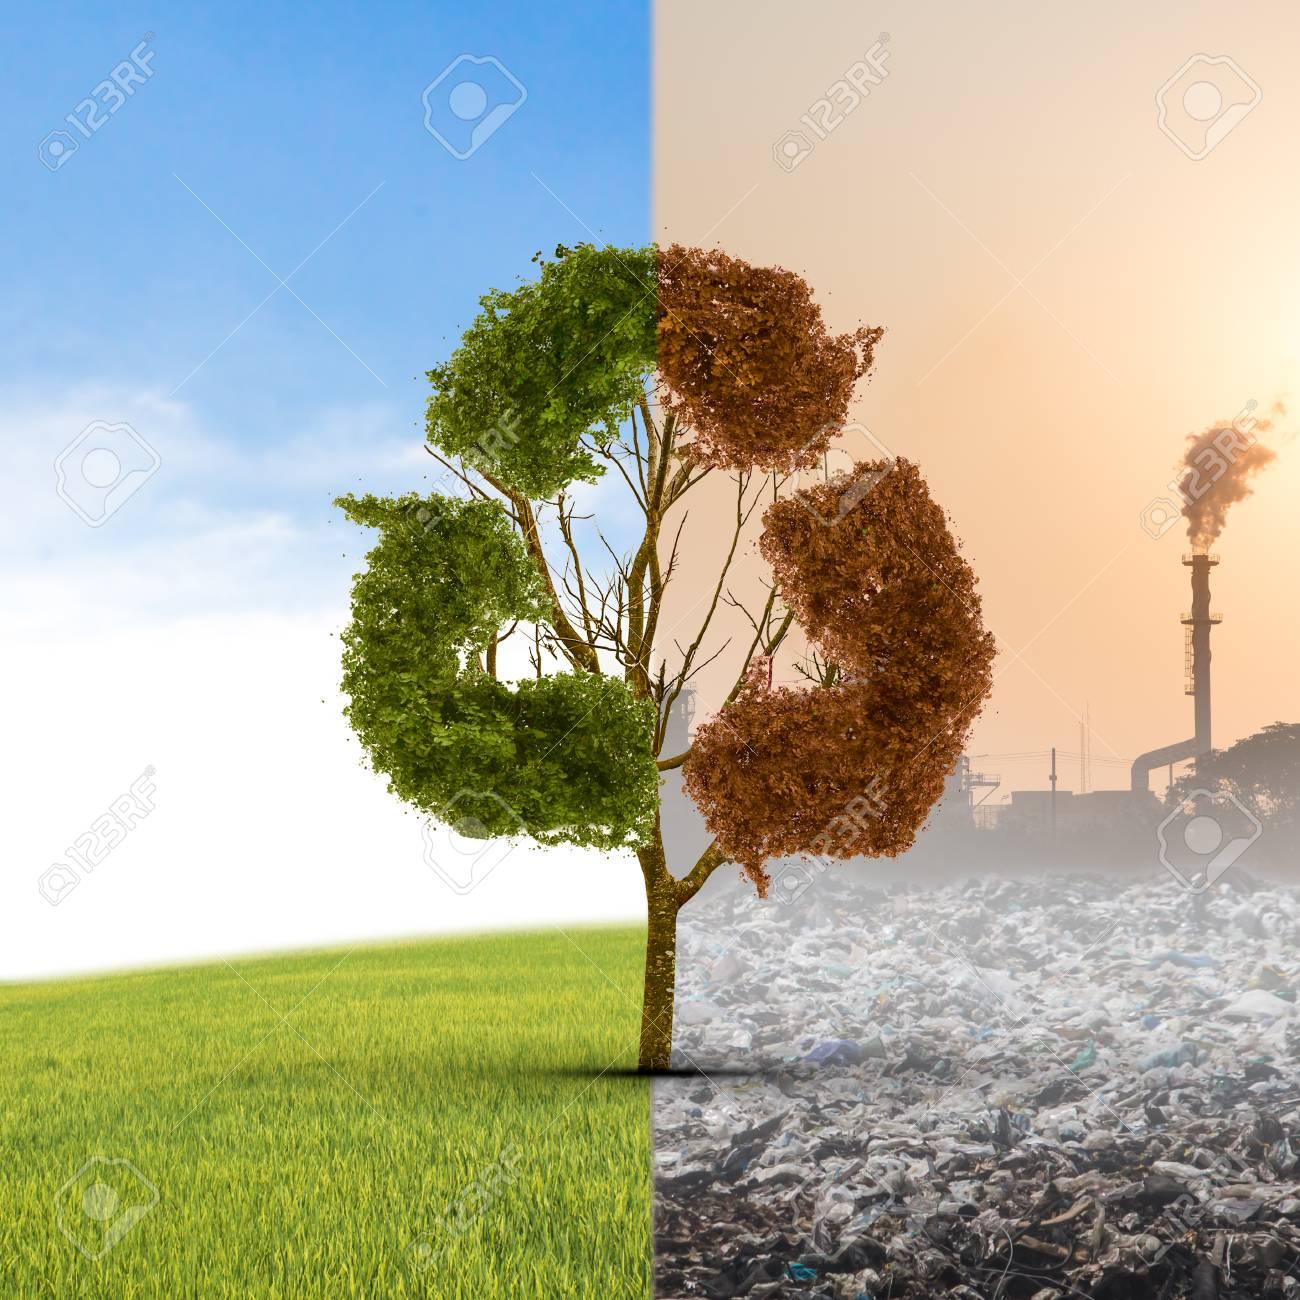 El Concepto De Clima Ha Cambiado.  Medio Vivo Y Medio árbol Muerto De Pie En La Encrucijada.  Salvar El Medio Ambiente.  Fotos, Retratos, Images Y Fotografía De Archivo Libres De Derecho.  Immagine